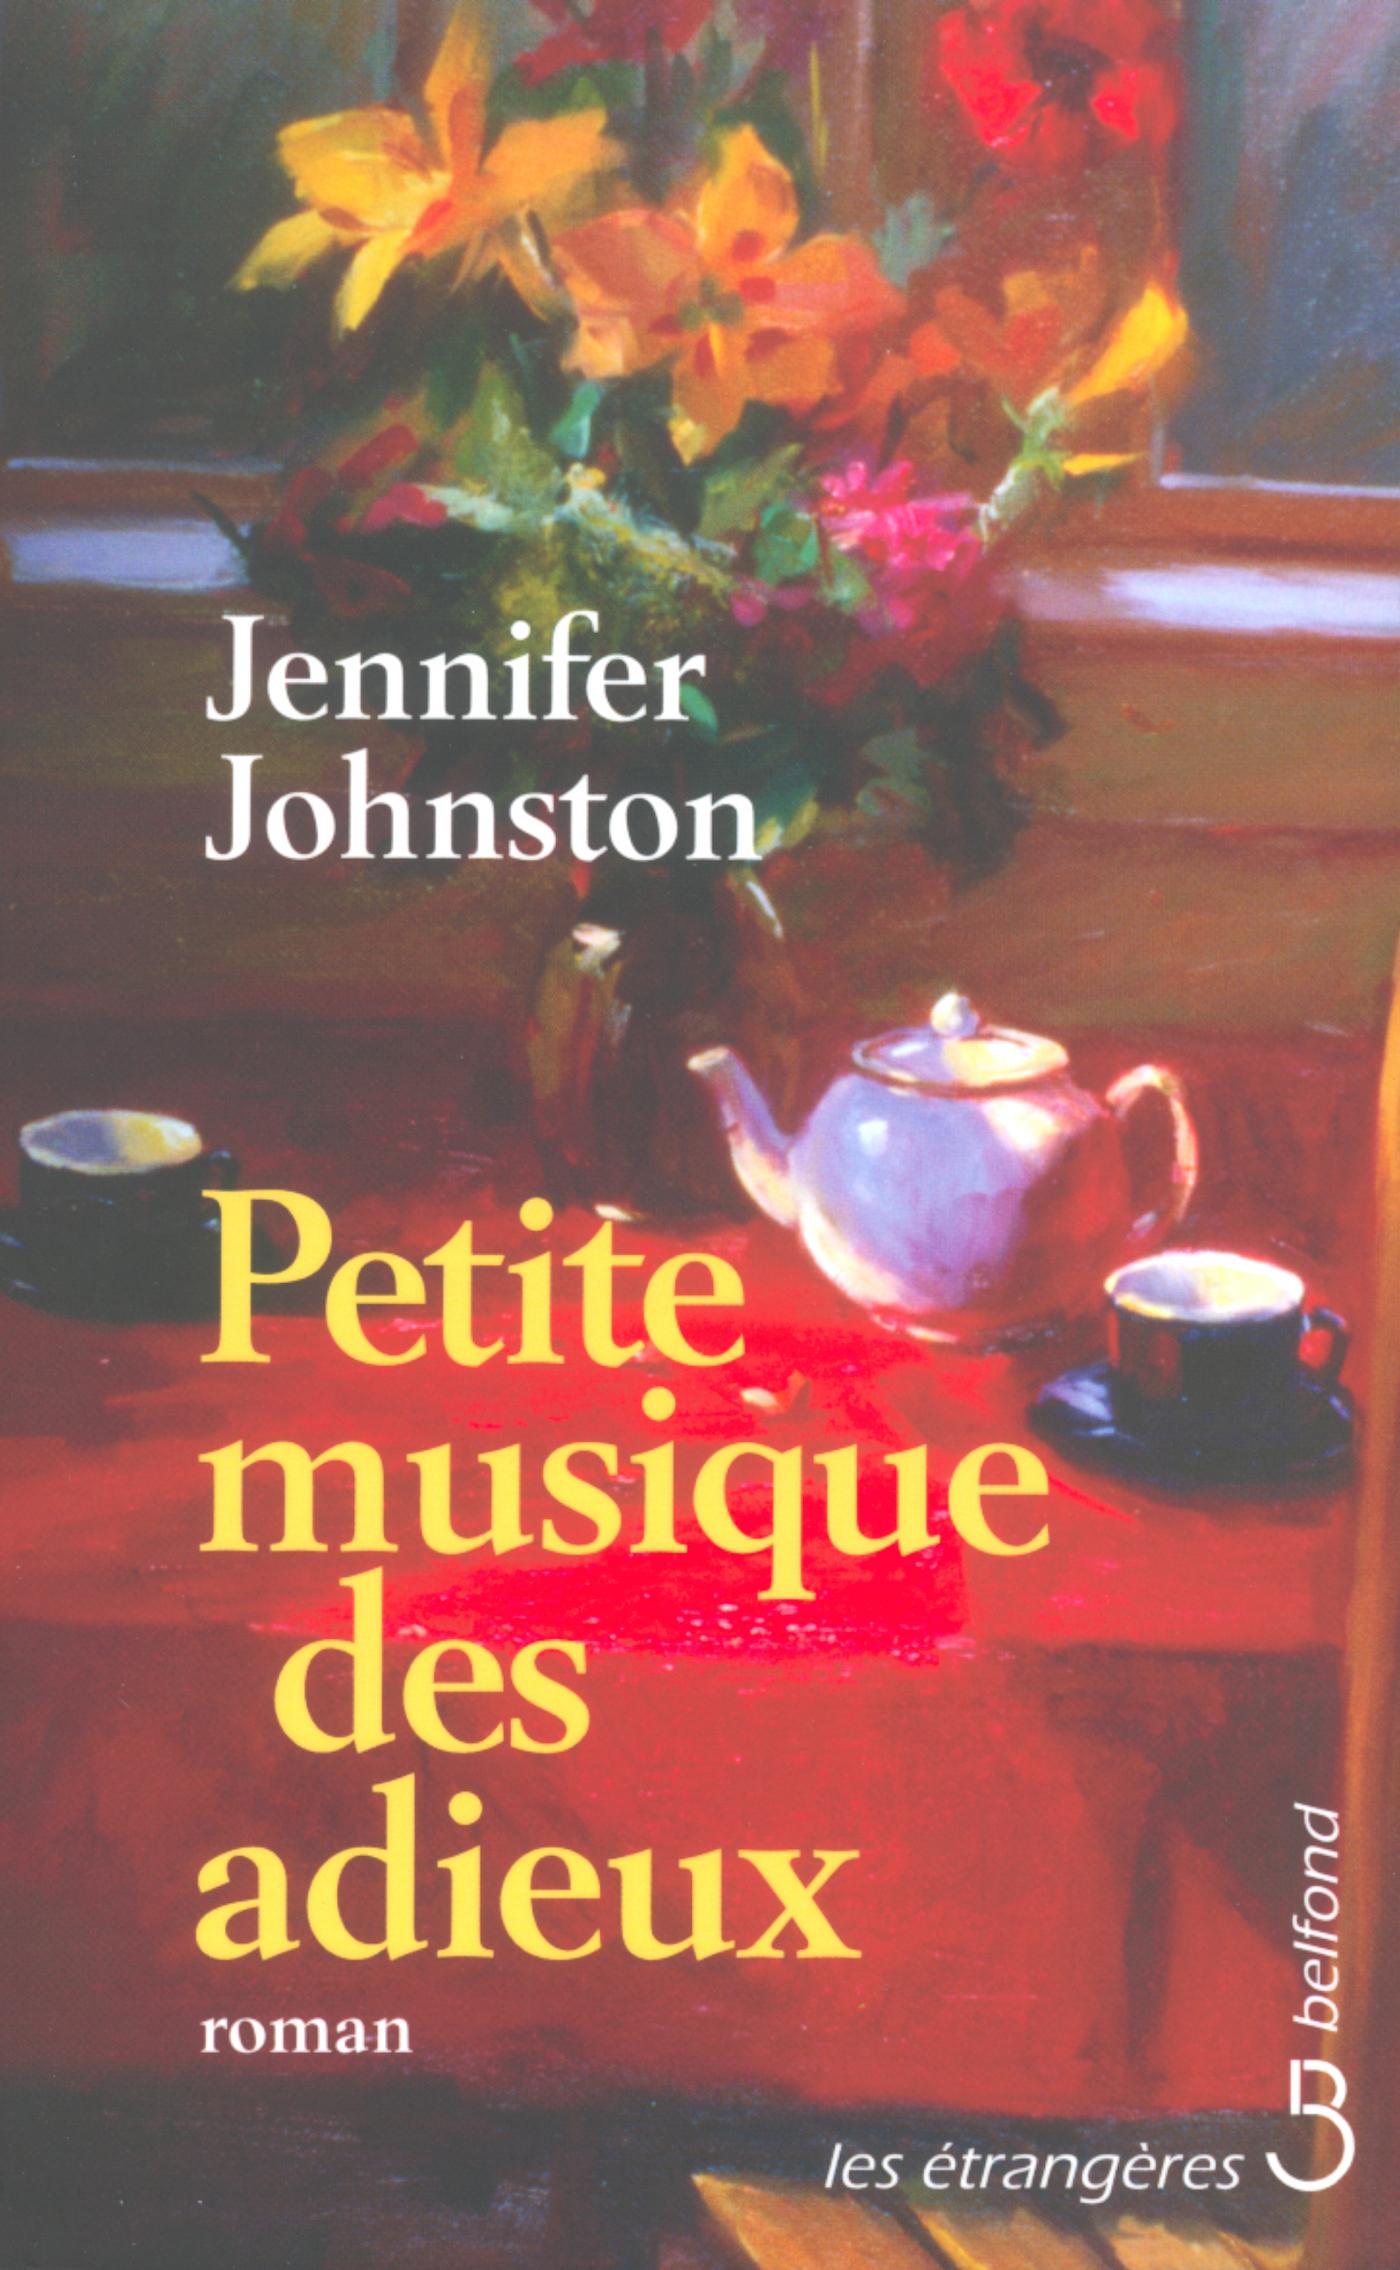 Petite musique des adieux (ebook)